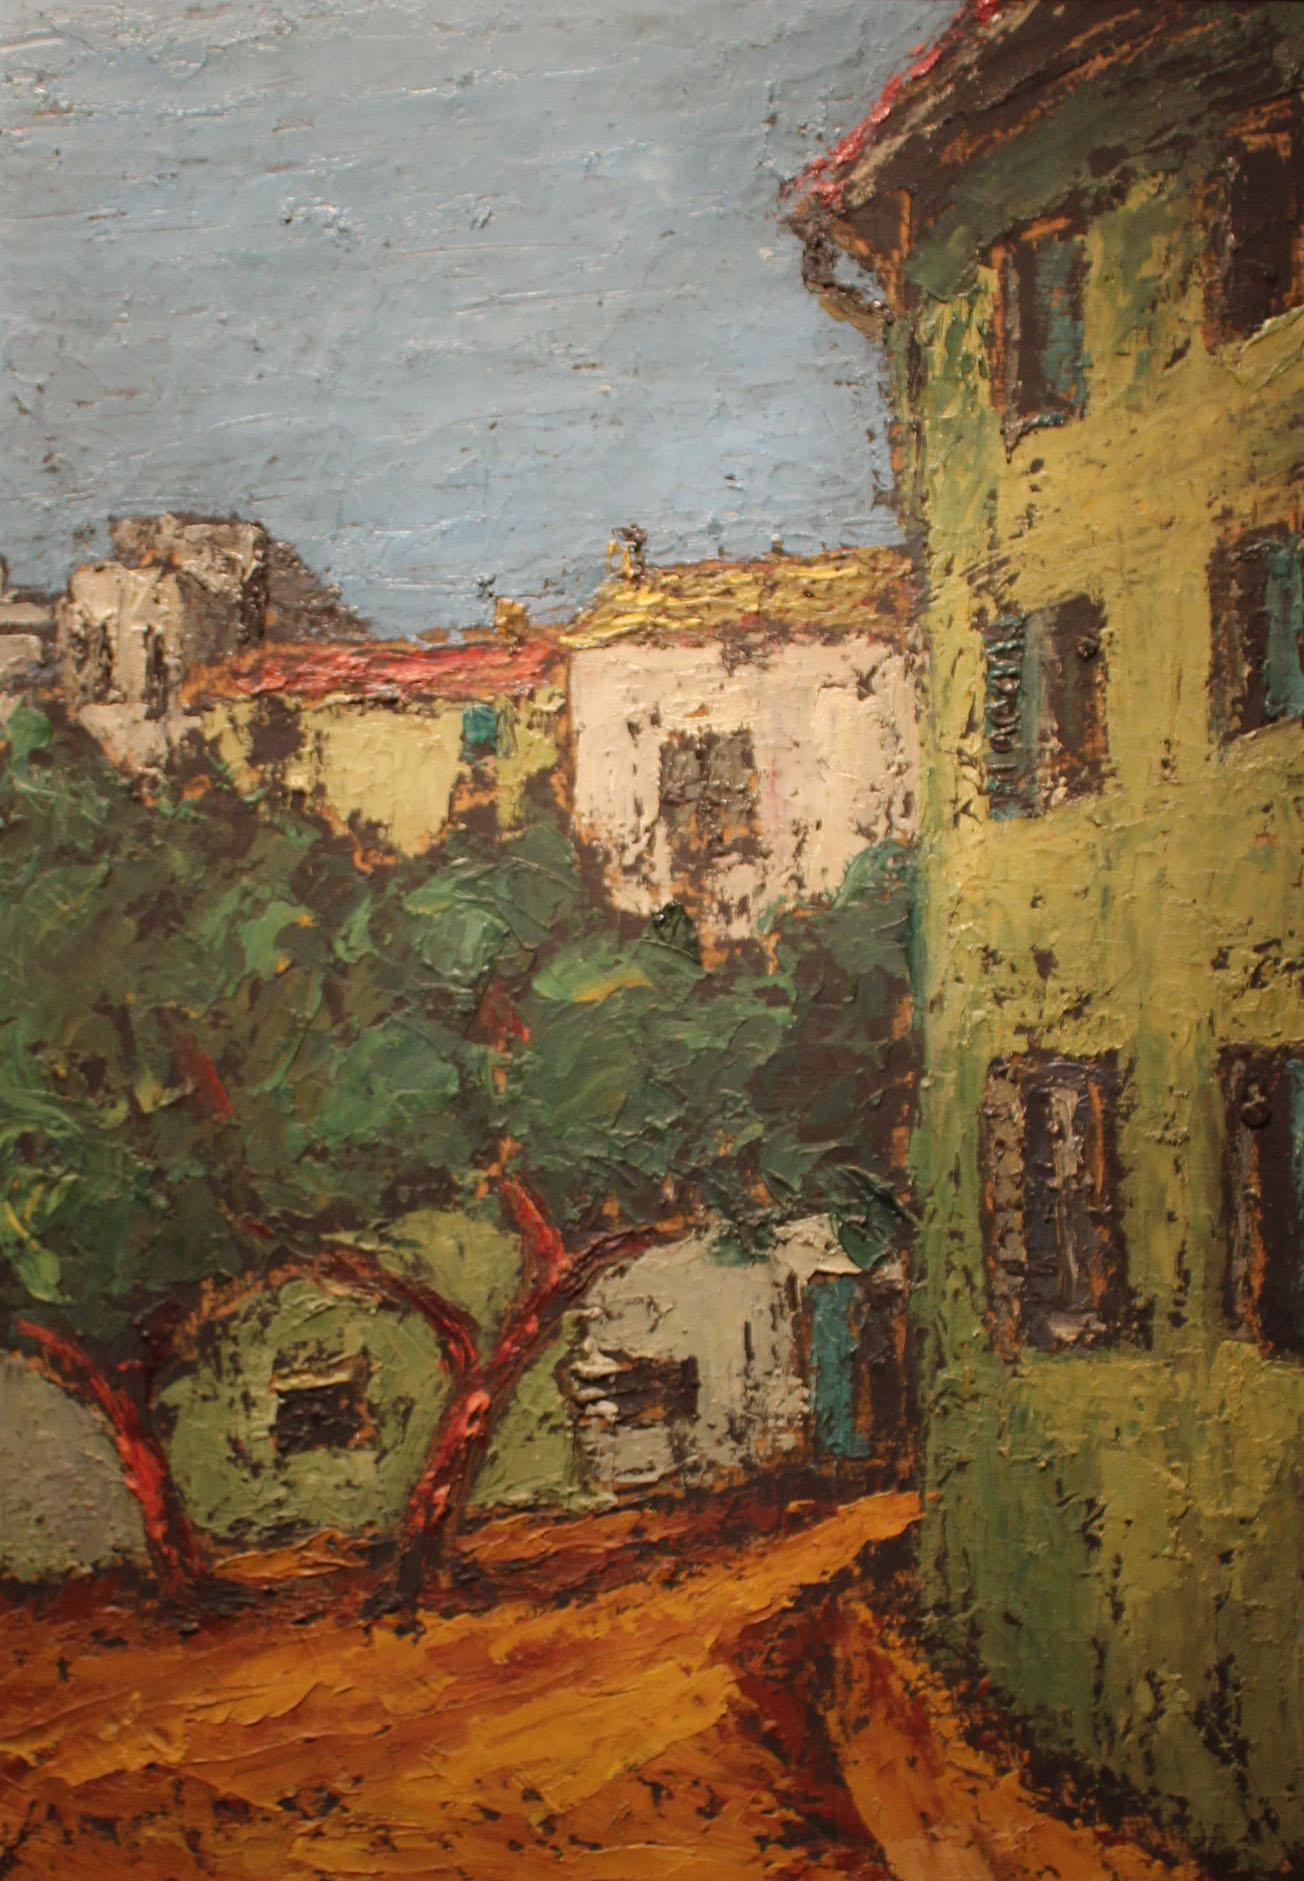 Stojan Aralica, Motiv iz Istre, ulje na kartonu, 72,5x51 (1972)